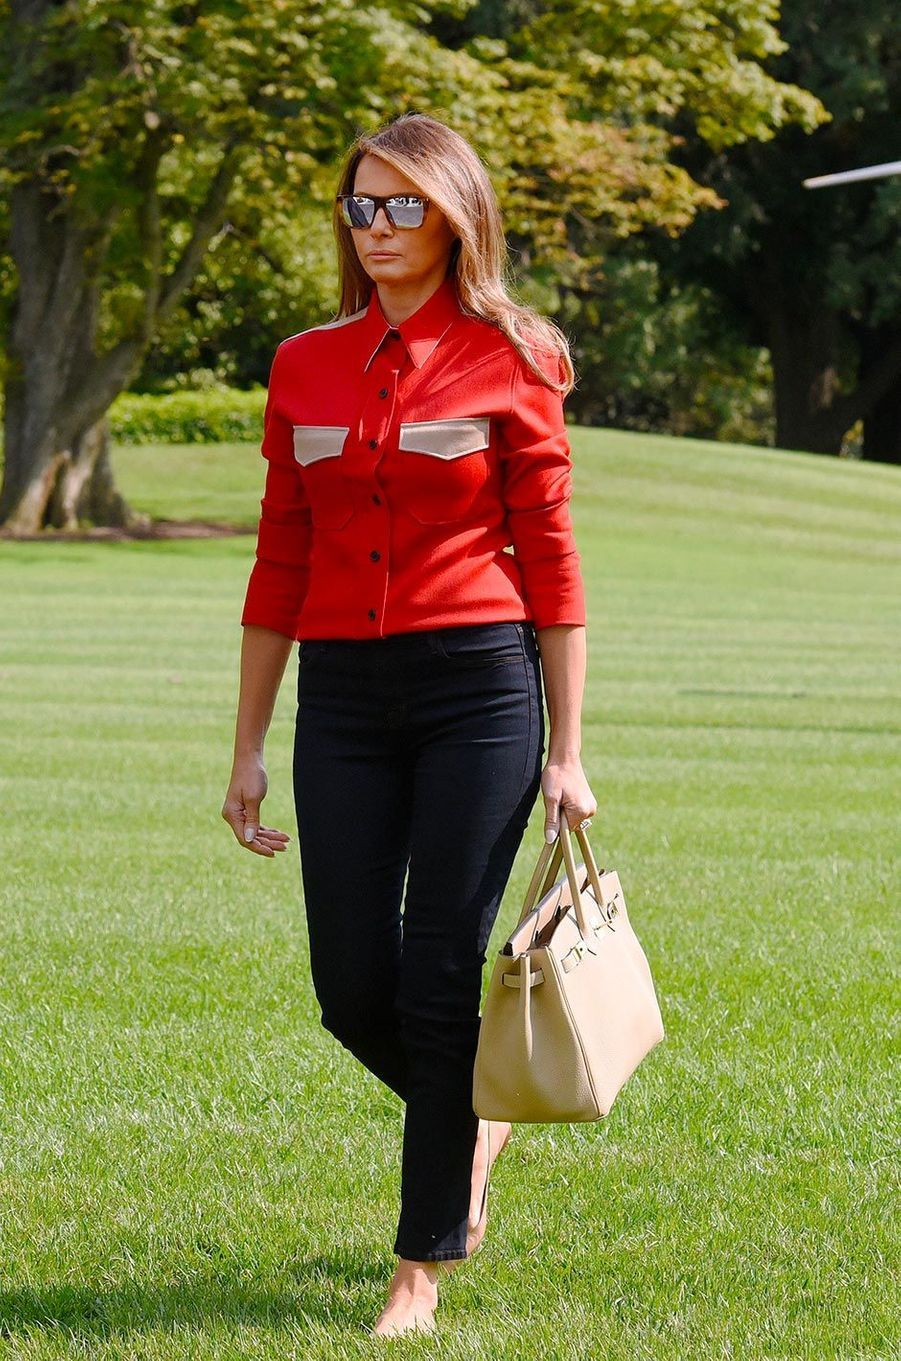 Slovène aux pommettes hautes et au corps sculptural, Melania Trump possède un savoir-faire de mannequin pour choisir ses tenues. Et paraît apprécier (un peu trop?) les imprimés fleuris. Mais il semble lui arriver d'oublier les raisons d'un déplacement, quand par exemple elle débarque au Texas inondé en talons aiguille... qu'elle s'est empressée, ce jour-là, de troquer contre un jean et des baskets.